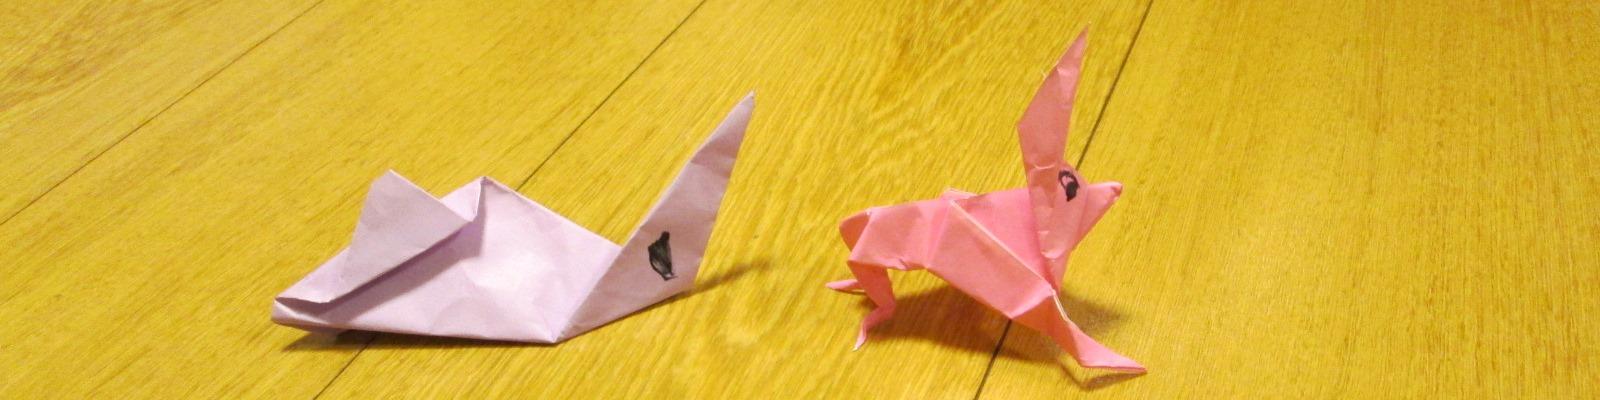 折り紙のうさぎ